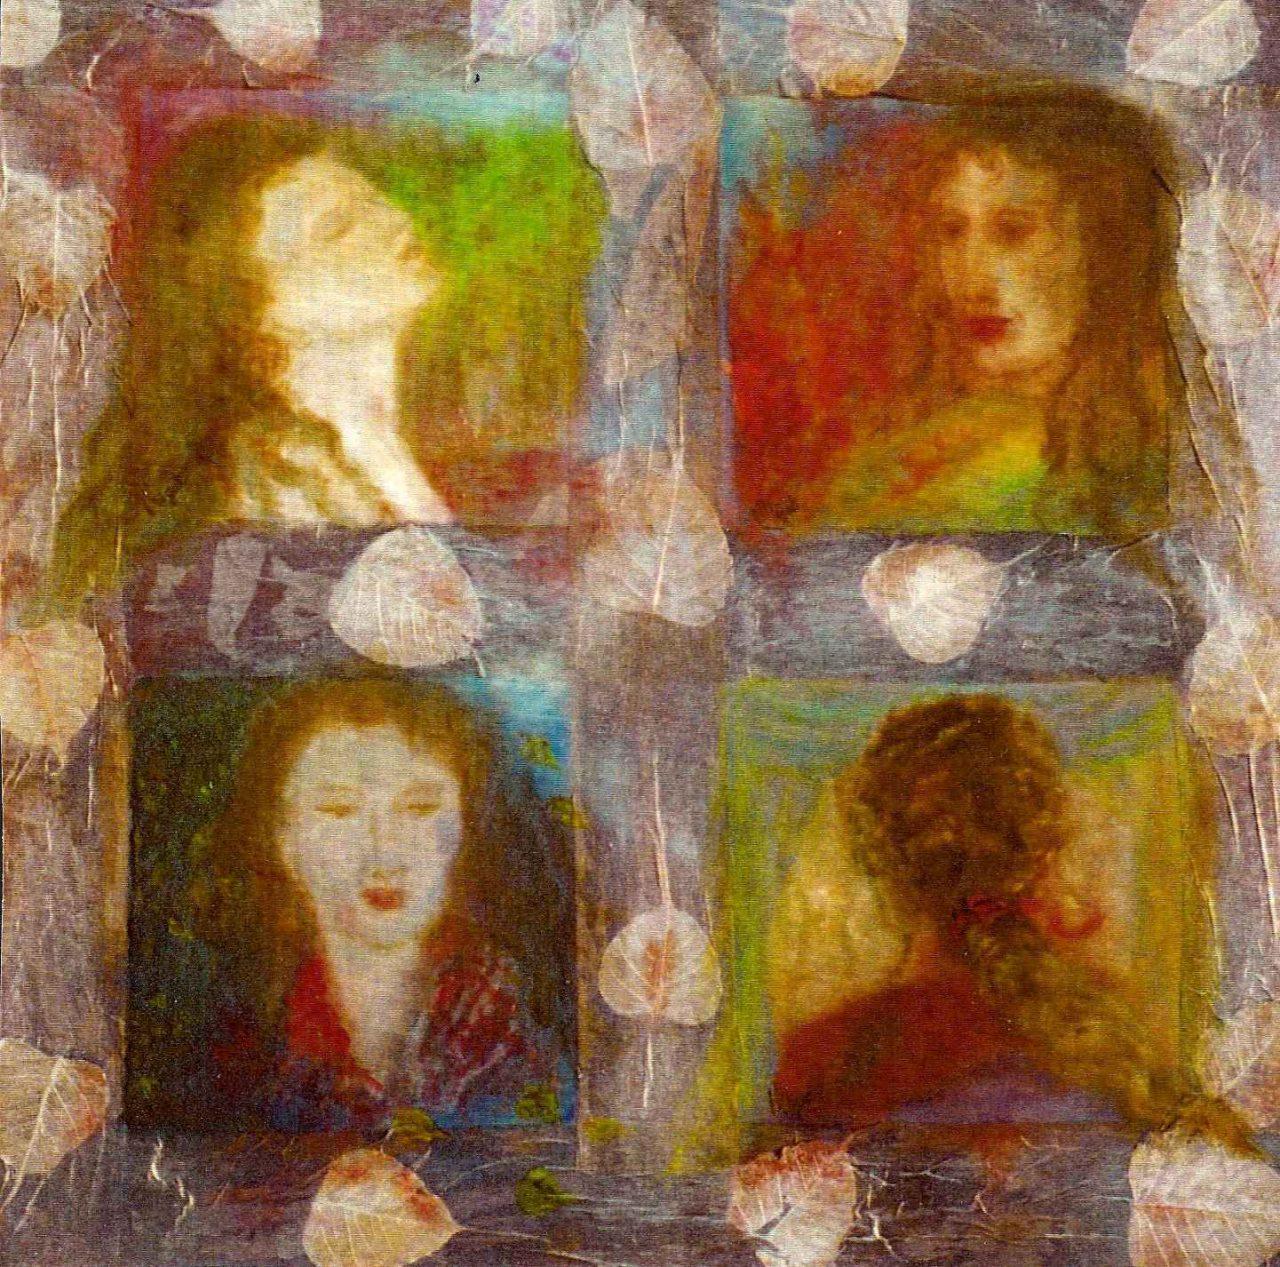 Quatre saisons / Four seasons n°2 par Vinca Migot